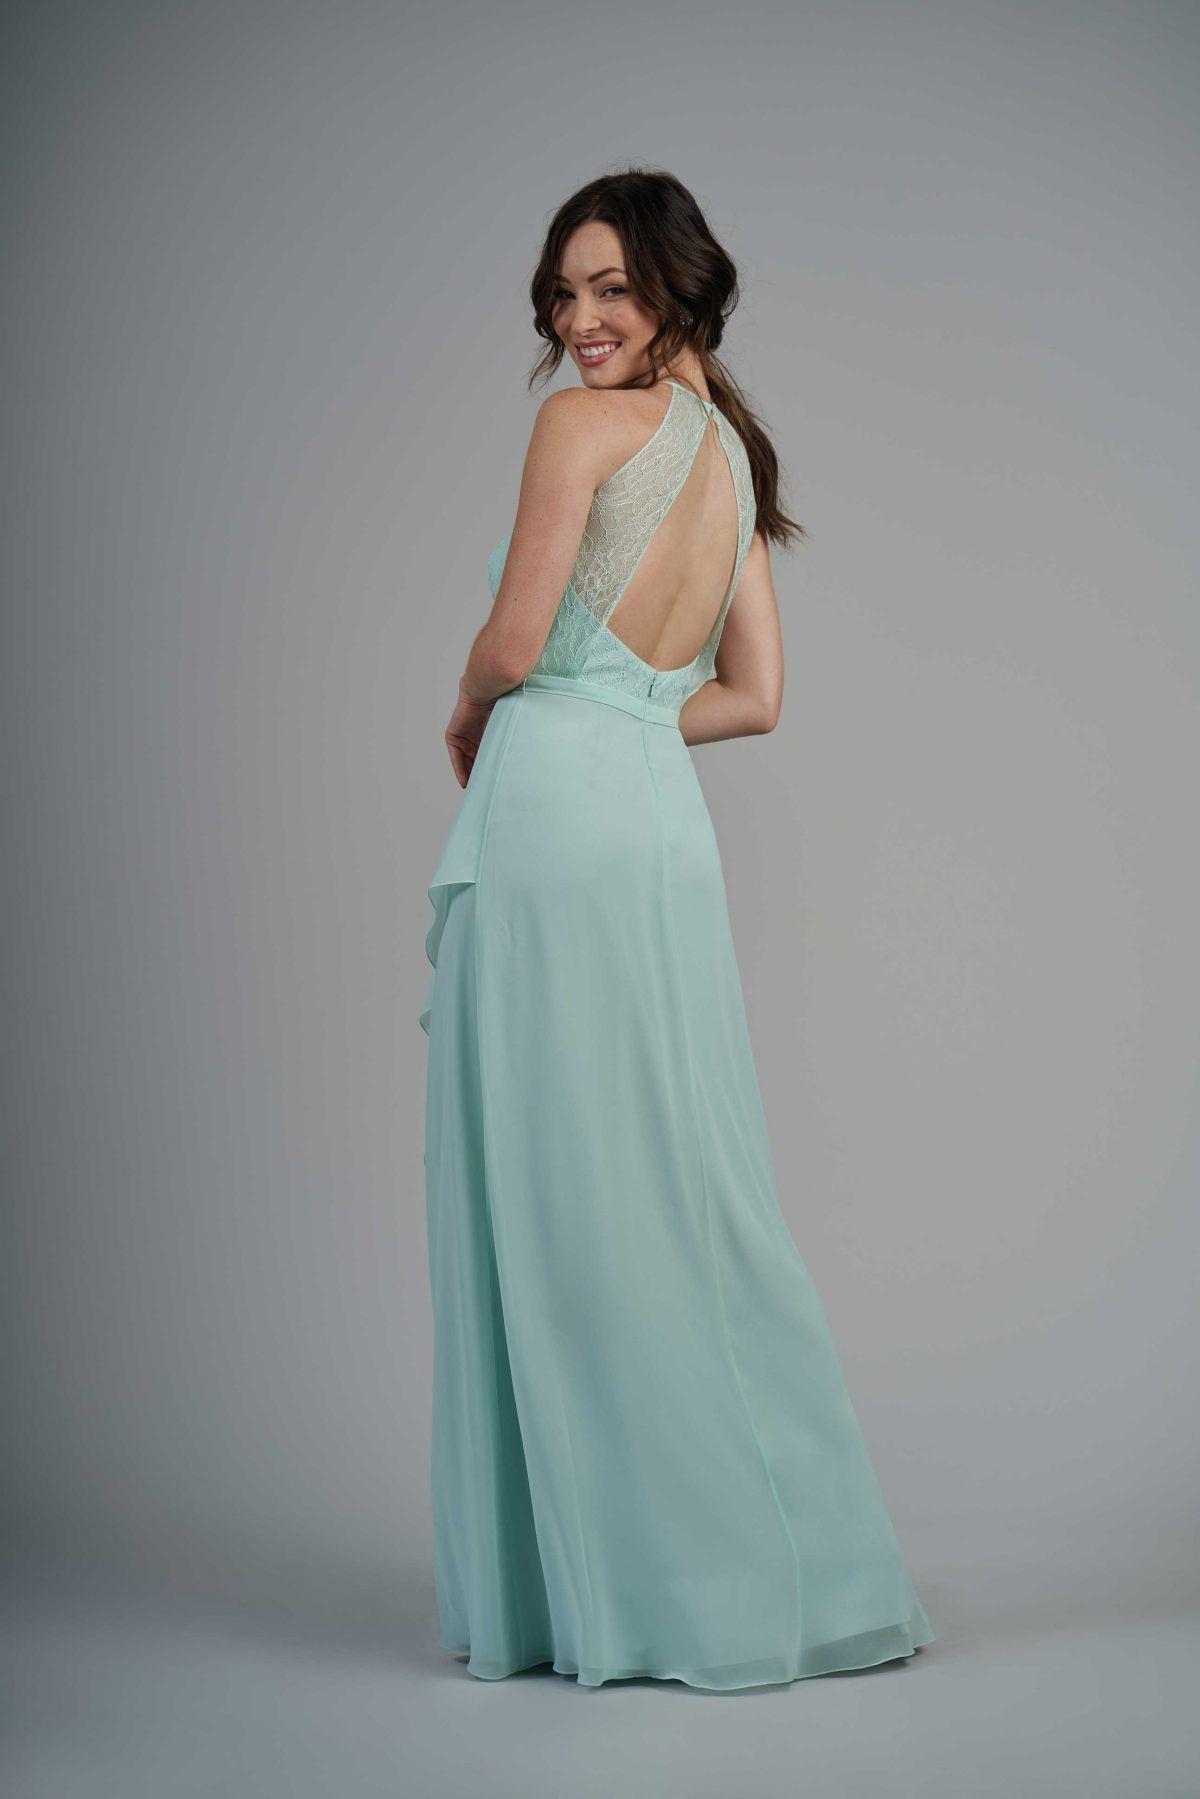 Abendmode Jasmine  Festliche Kleider Hochzeit  Abendkleid